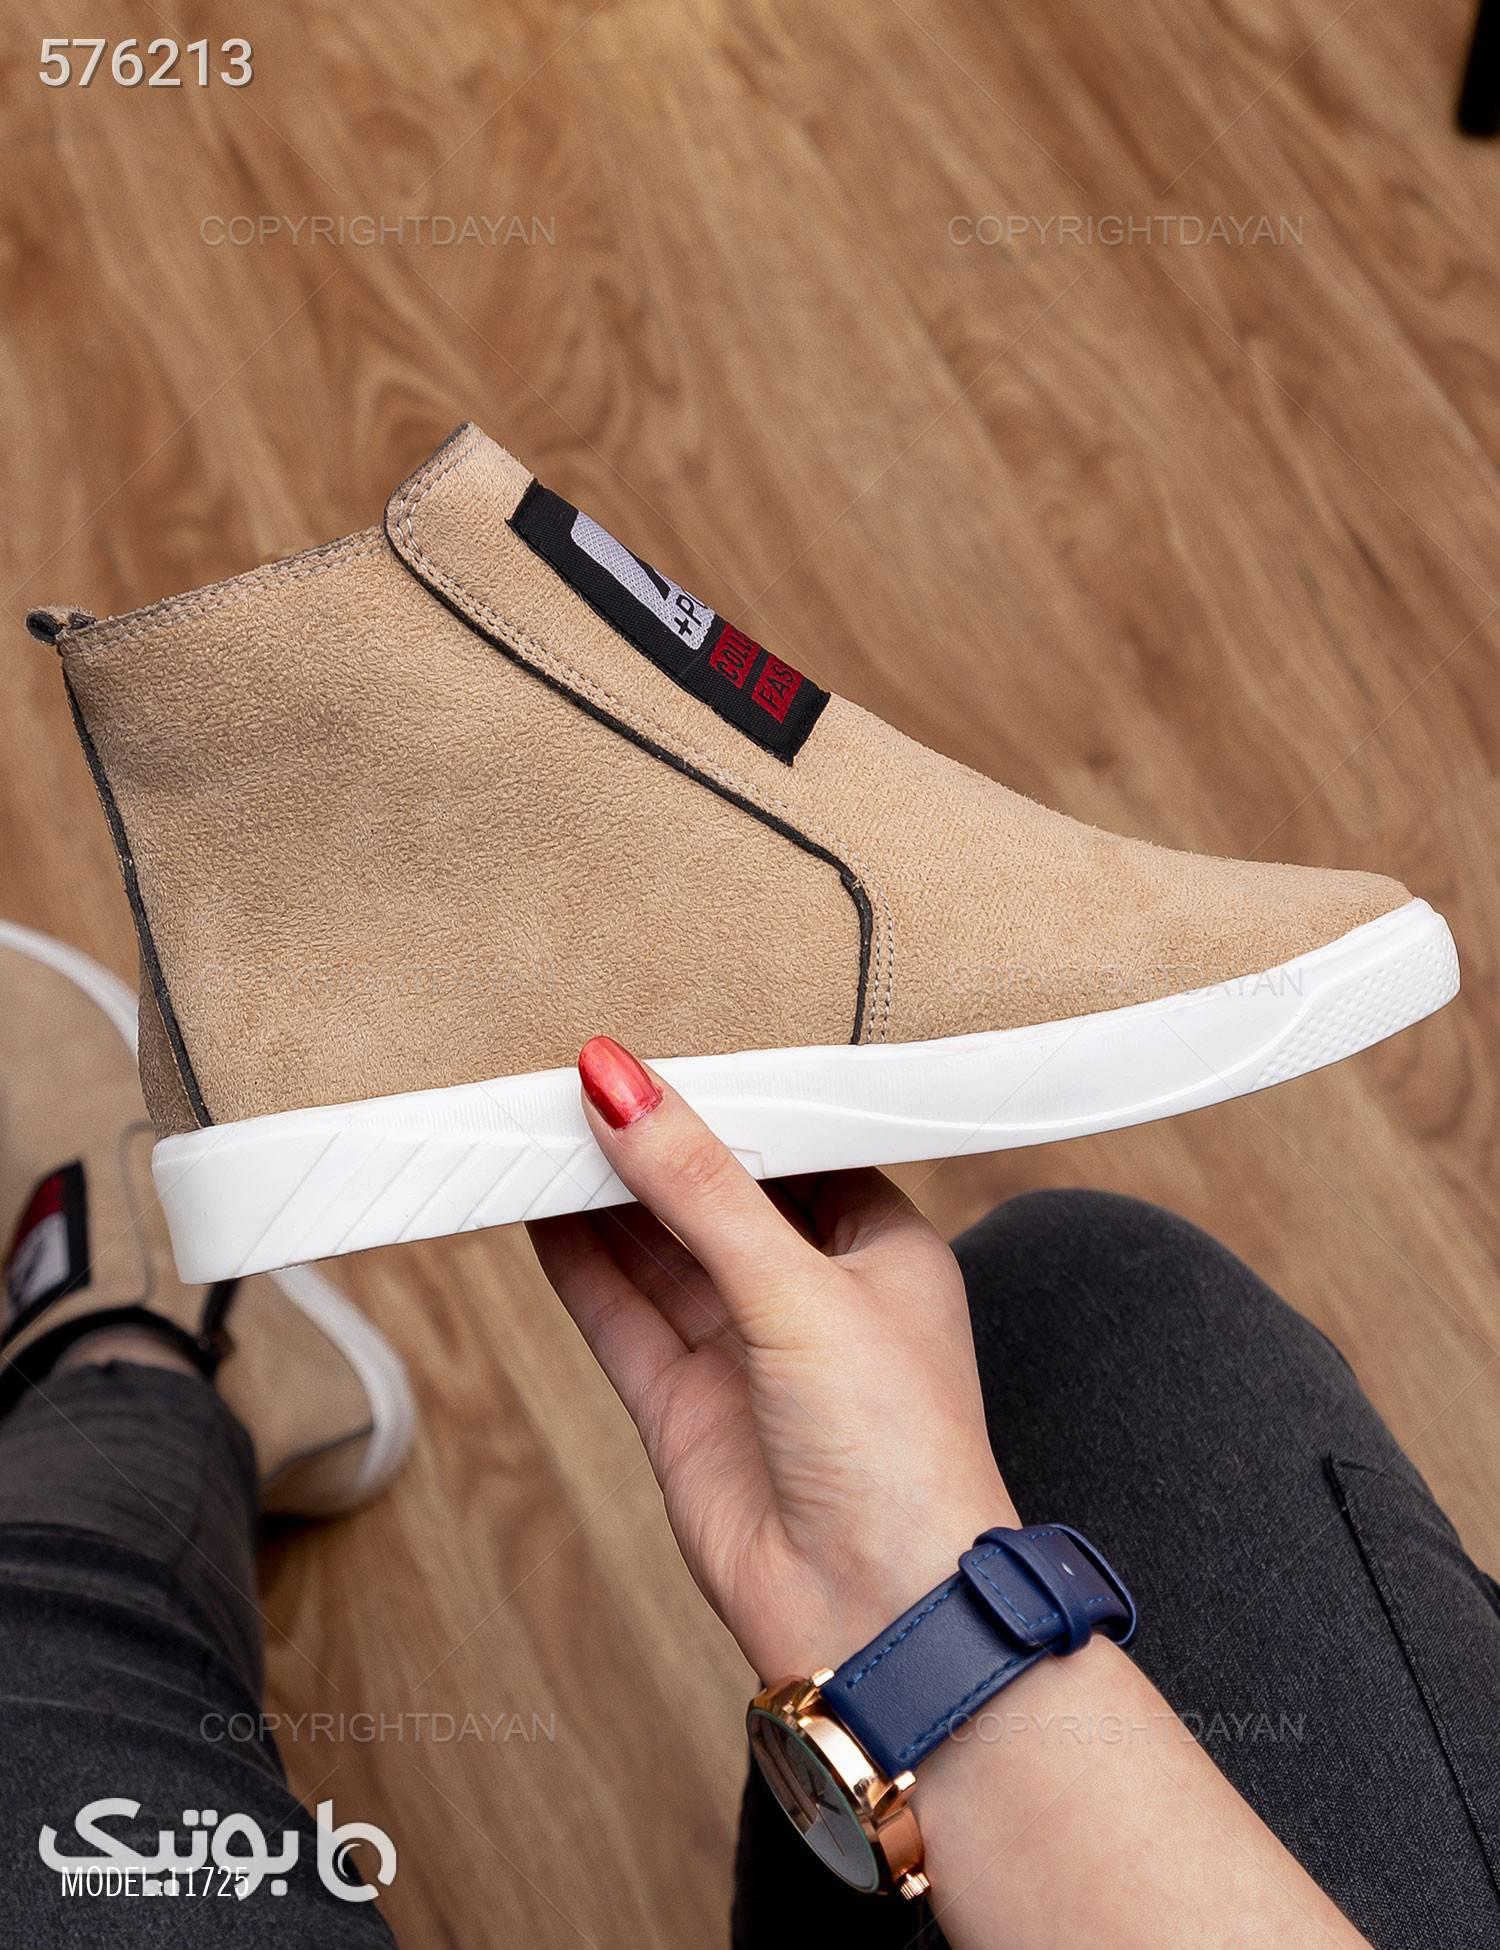 کفش ساقدار زنانه Nela مدل 11725 مشکی كفش مردانه